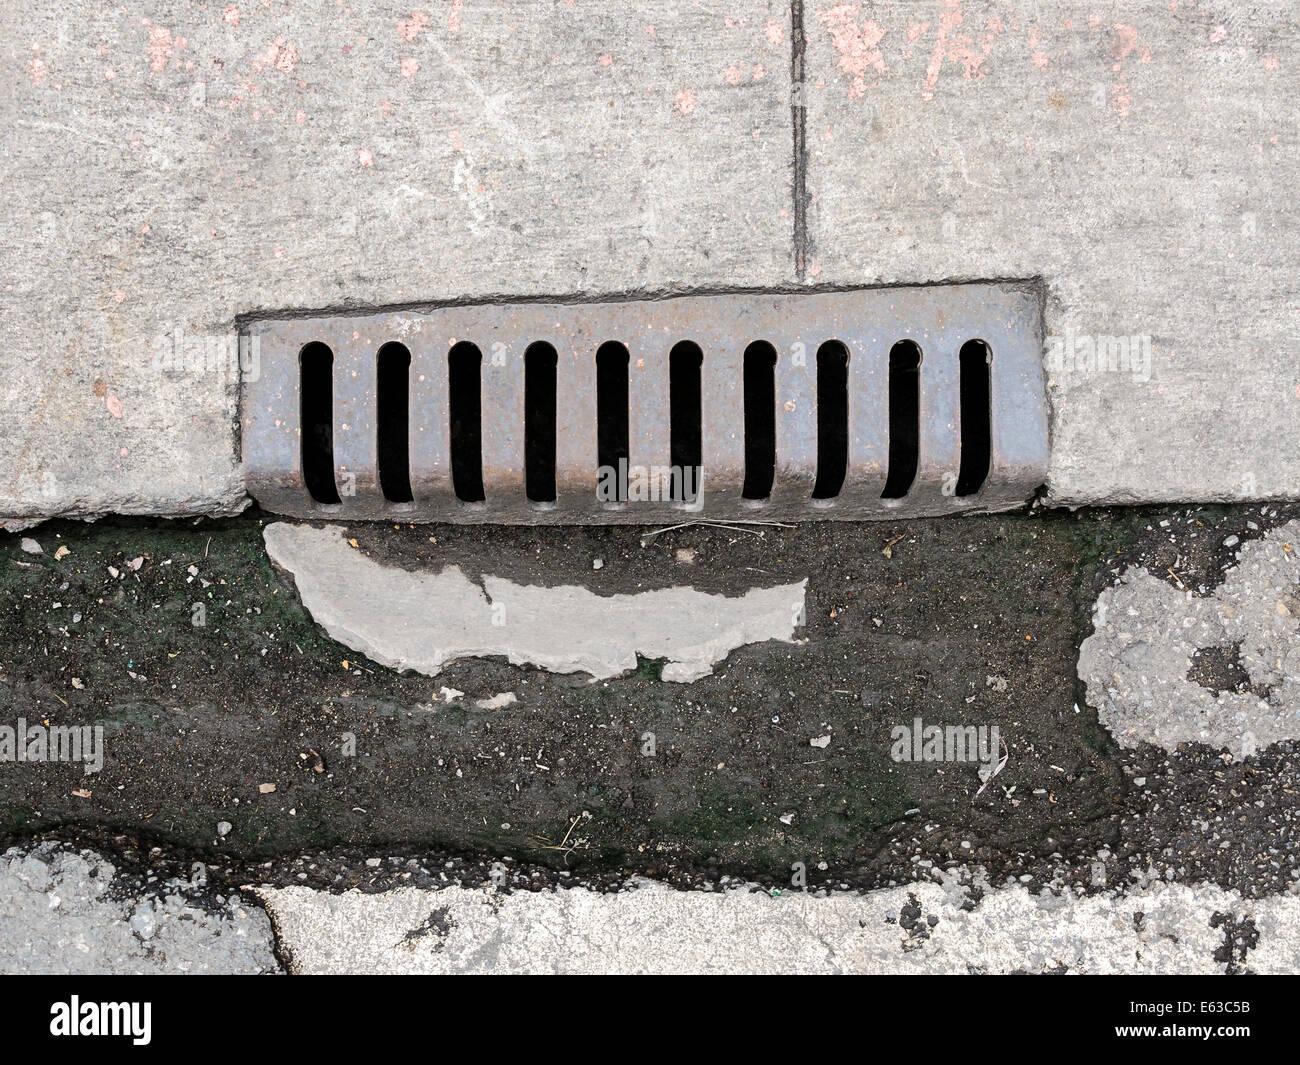 Concrete Manhole Cover Stock Photos Amp Concrete Manhole